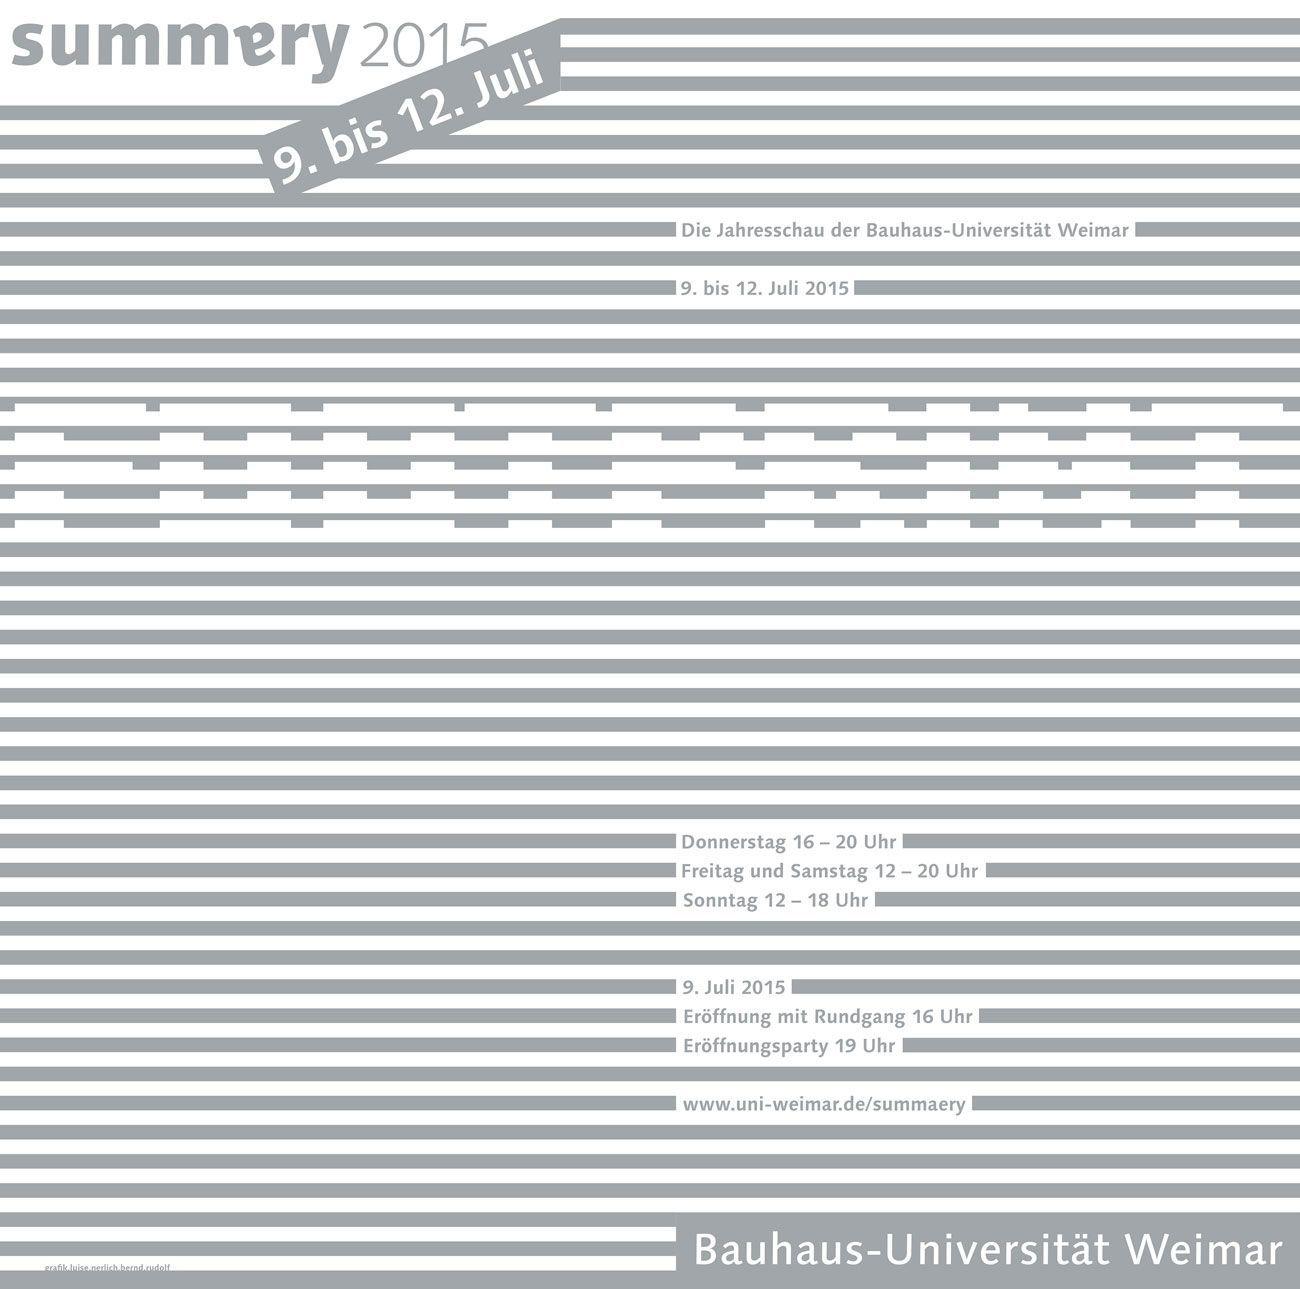 Bauhaus_summaery2015_deutsch